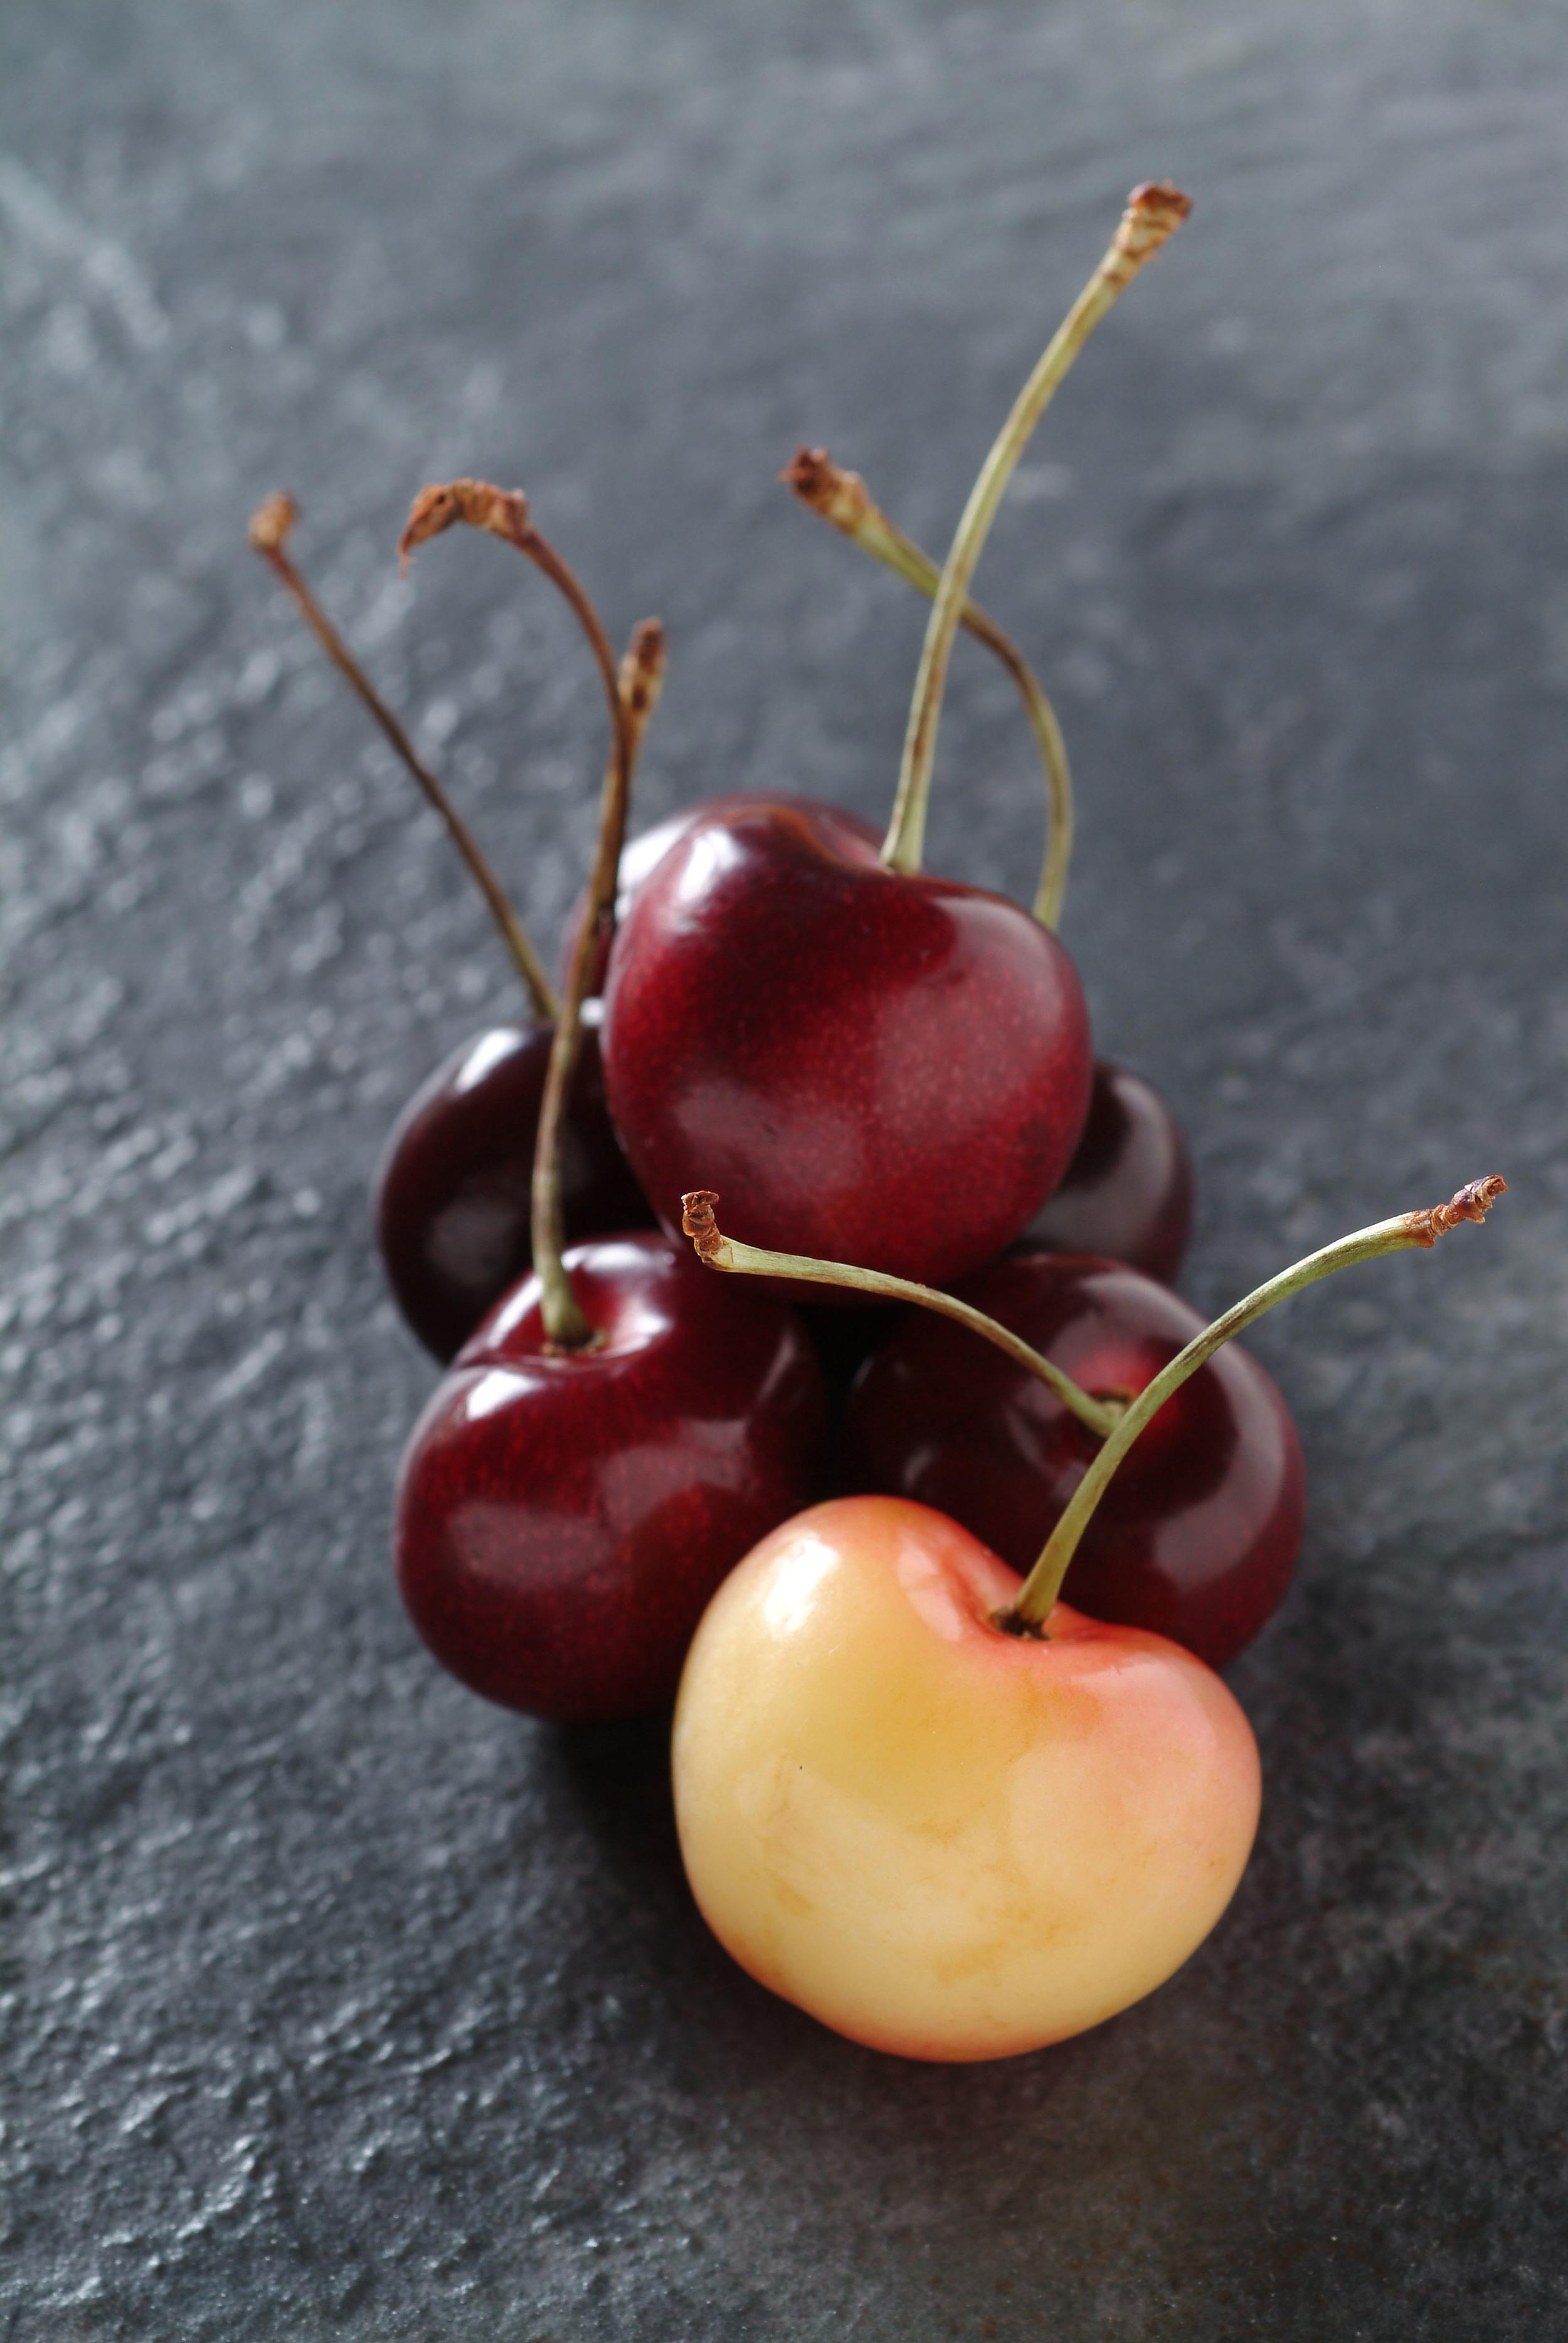 Cherries-001v1.jpg